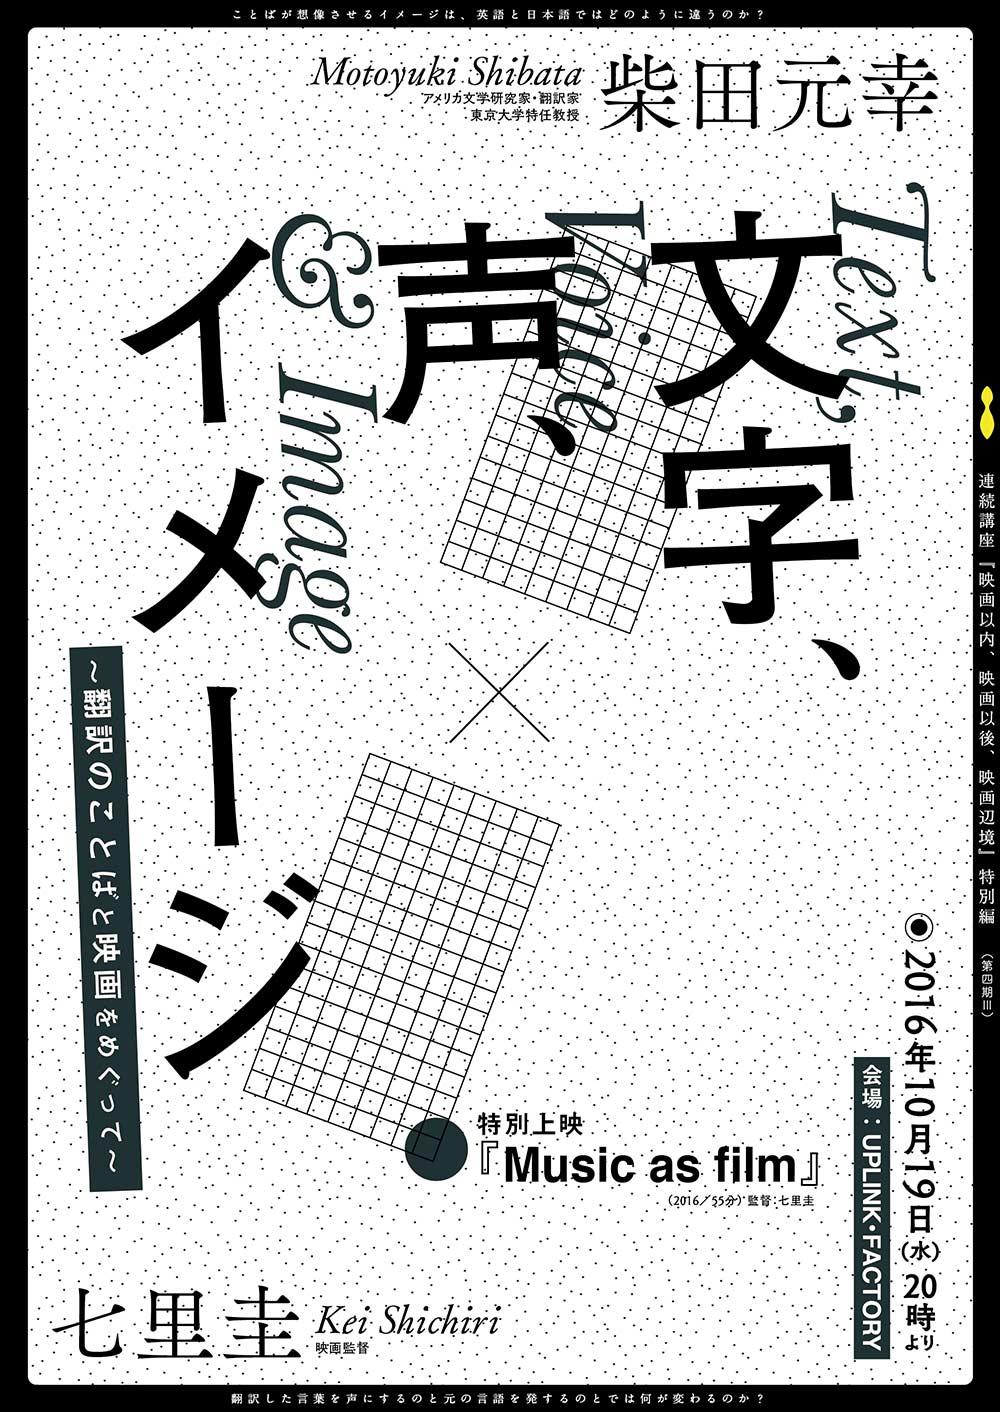 shibata_shichiri-01